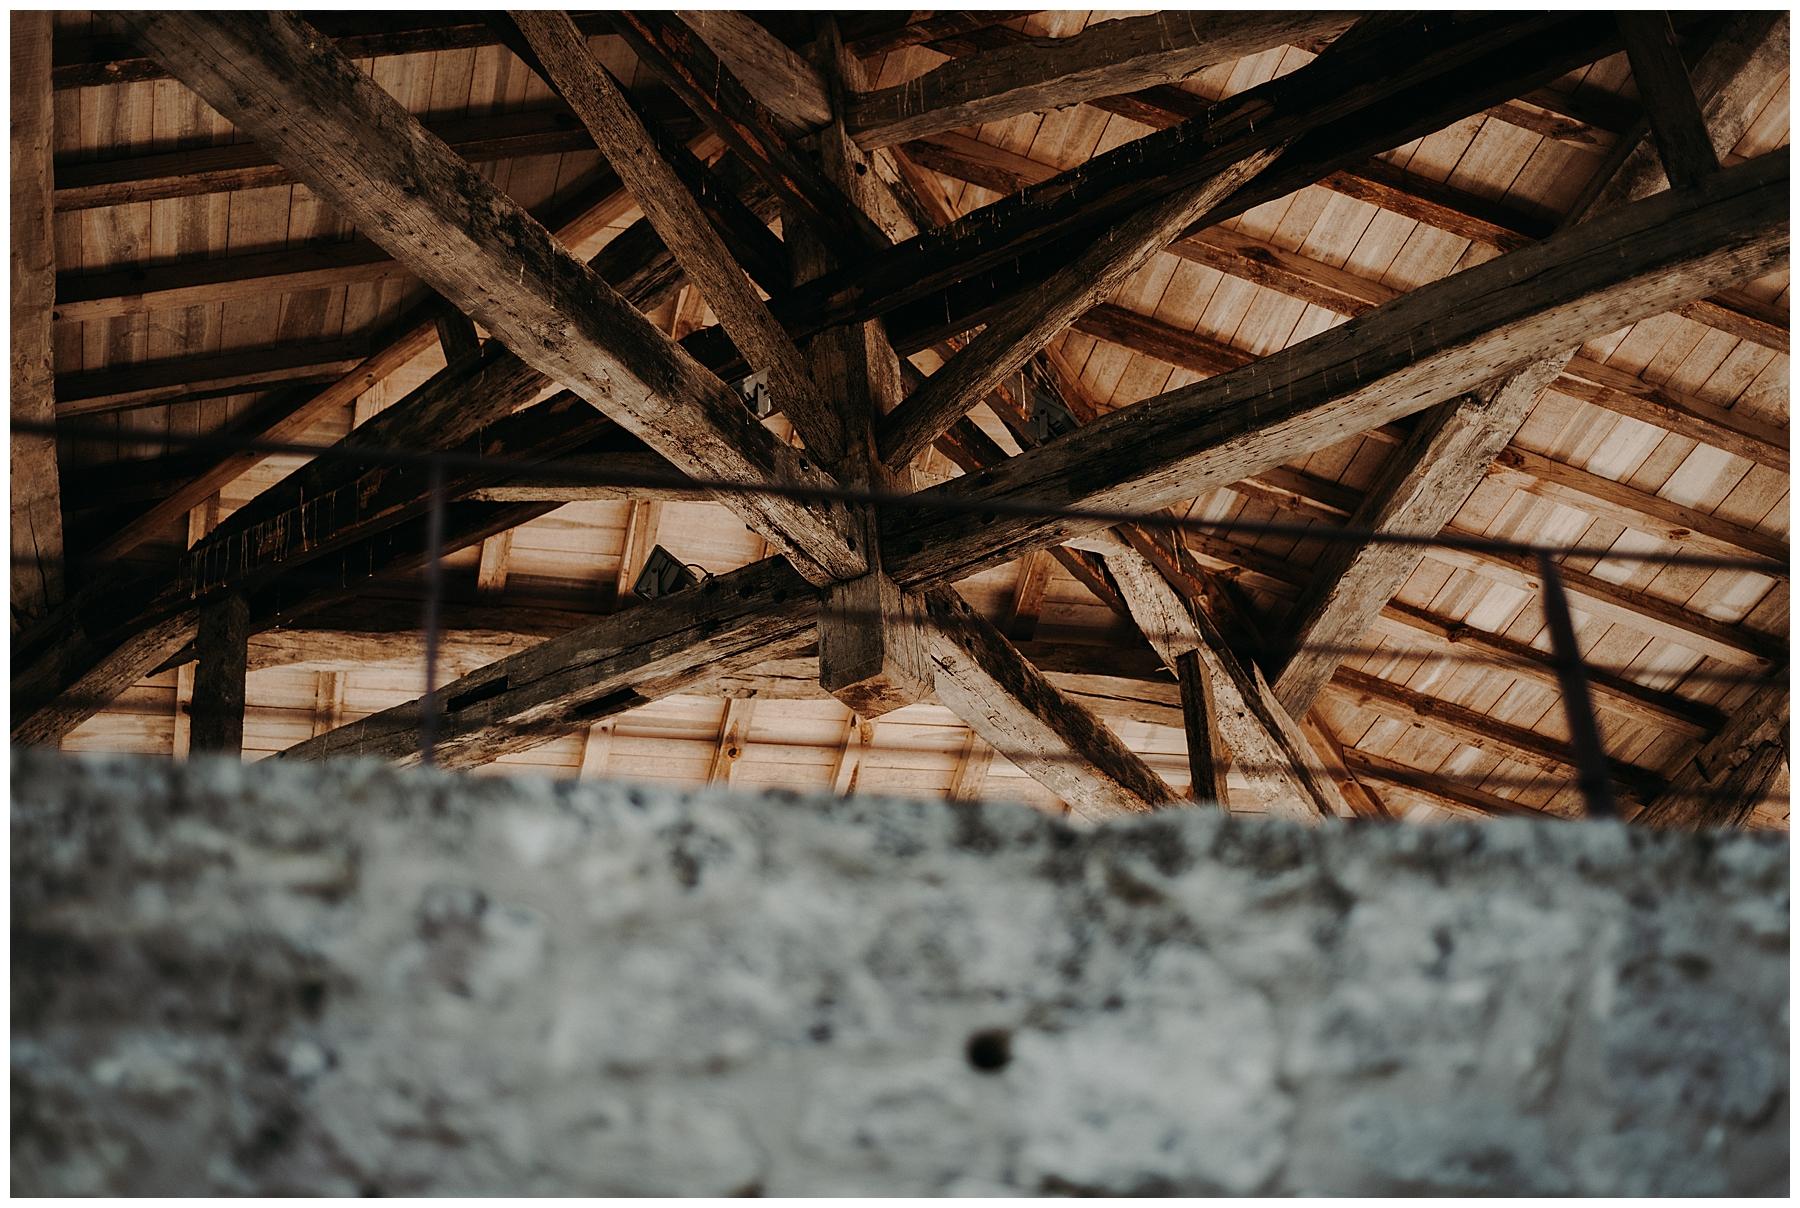 église de montetondans le lot et garonne